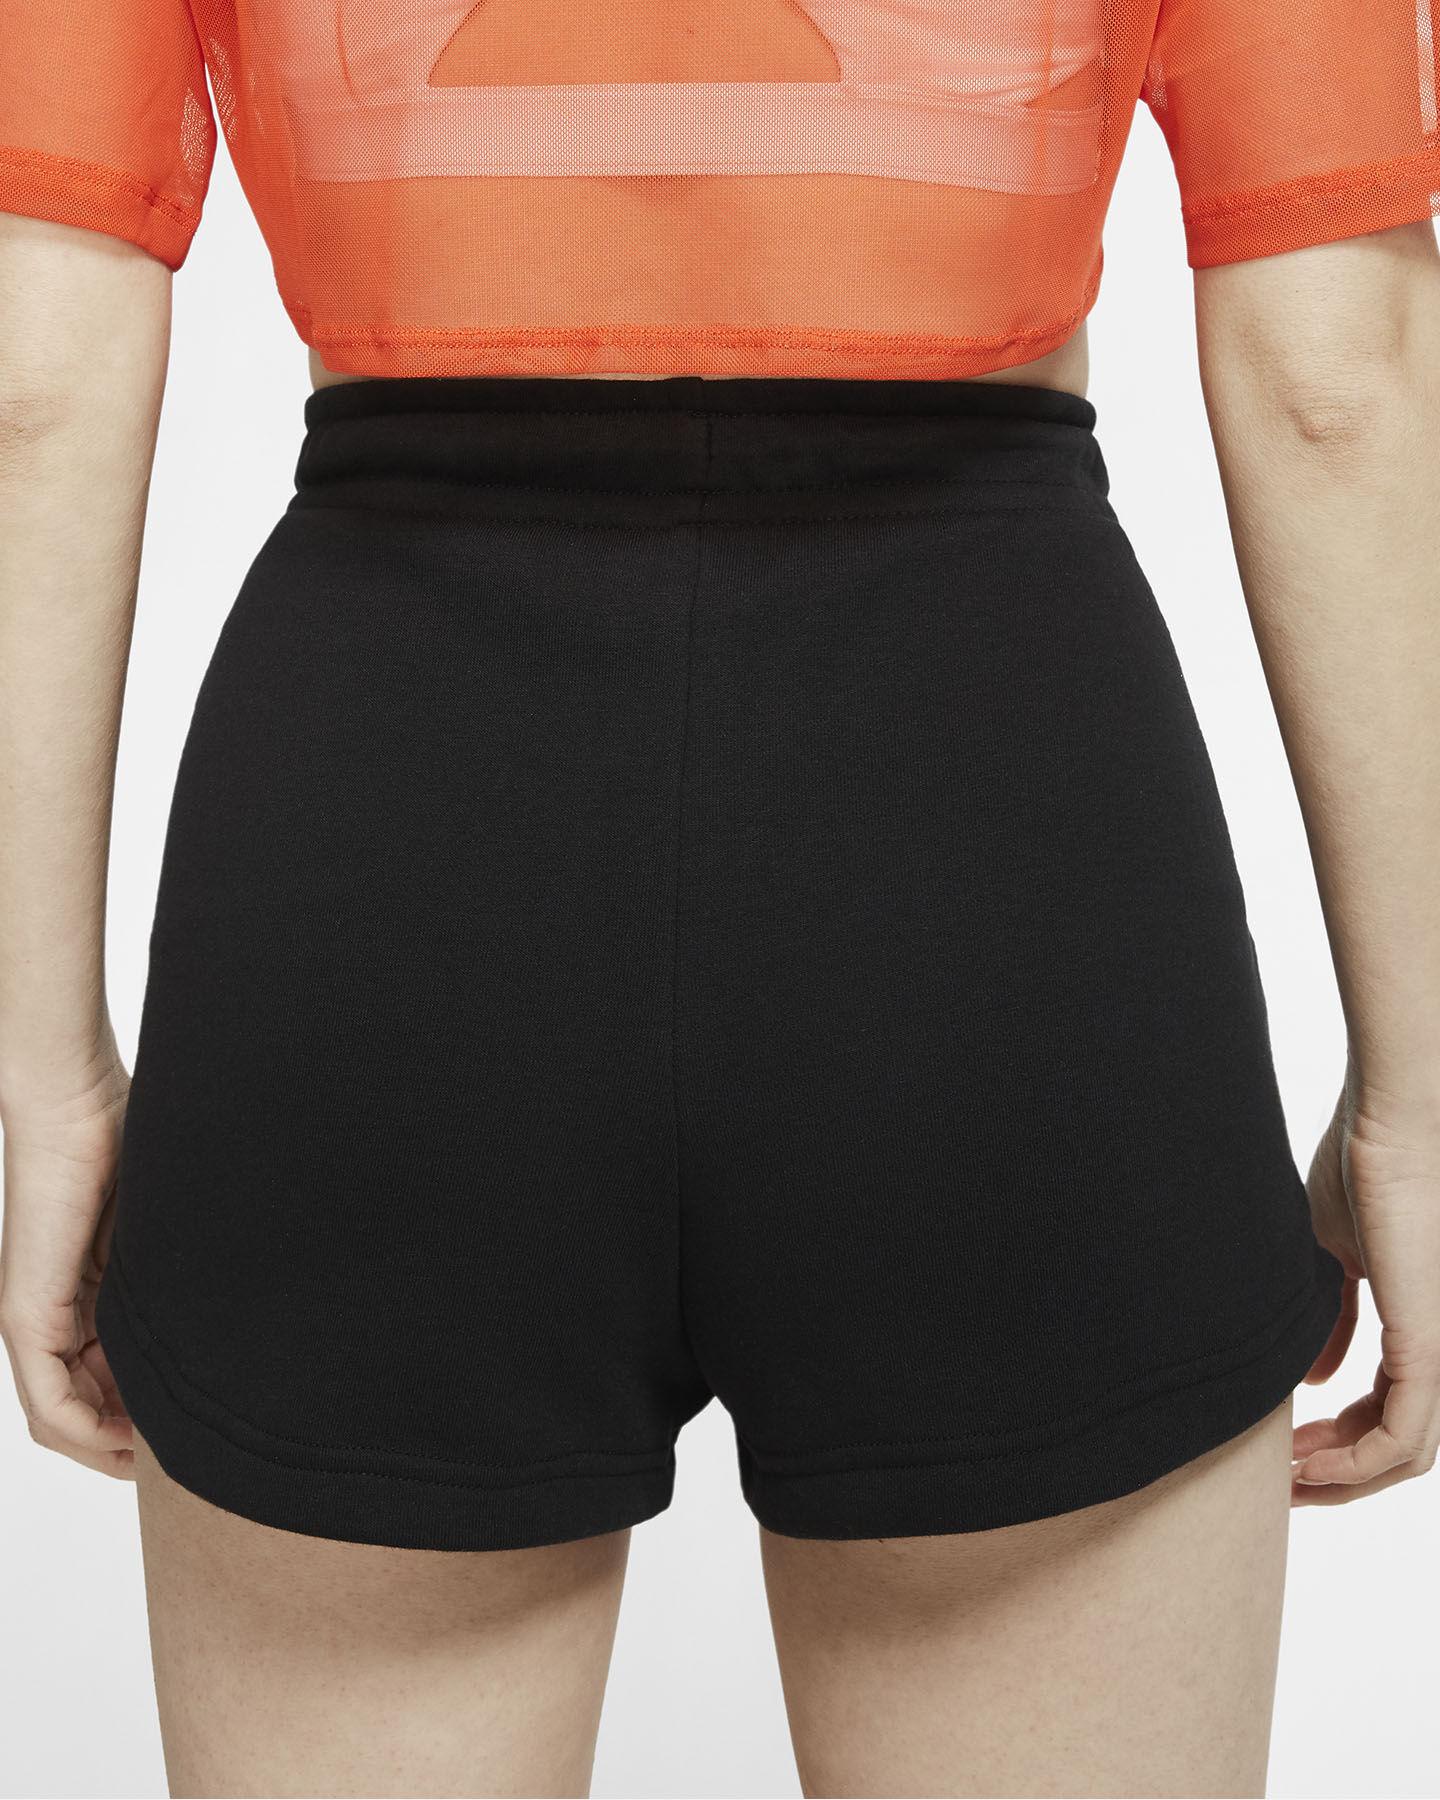 Pantaloncini NIKE SMALL LOGO ESSENTIAL  W S5195832 scatto 4